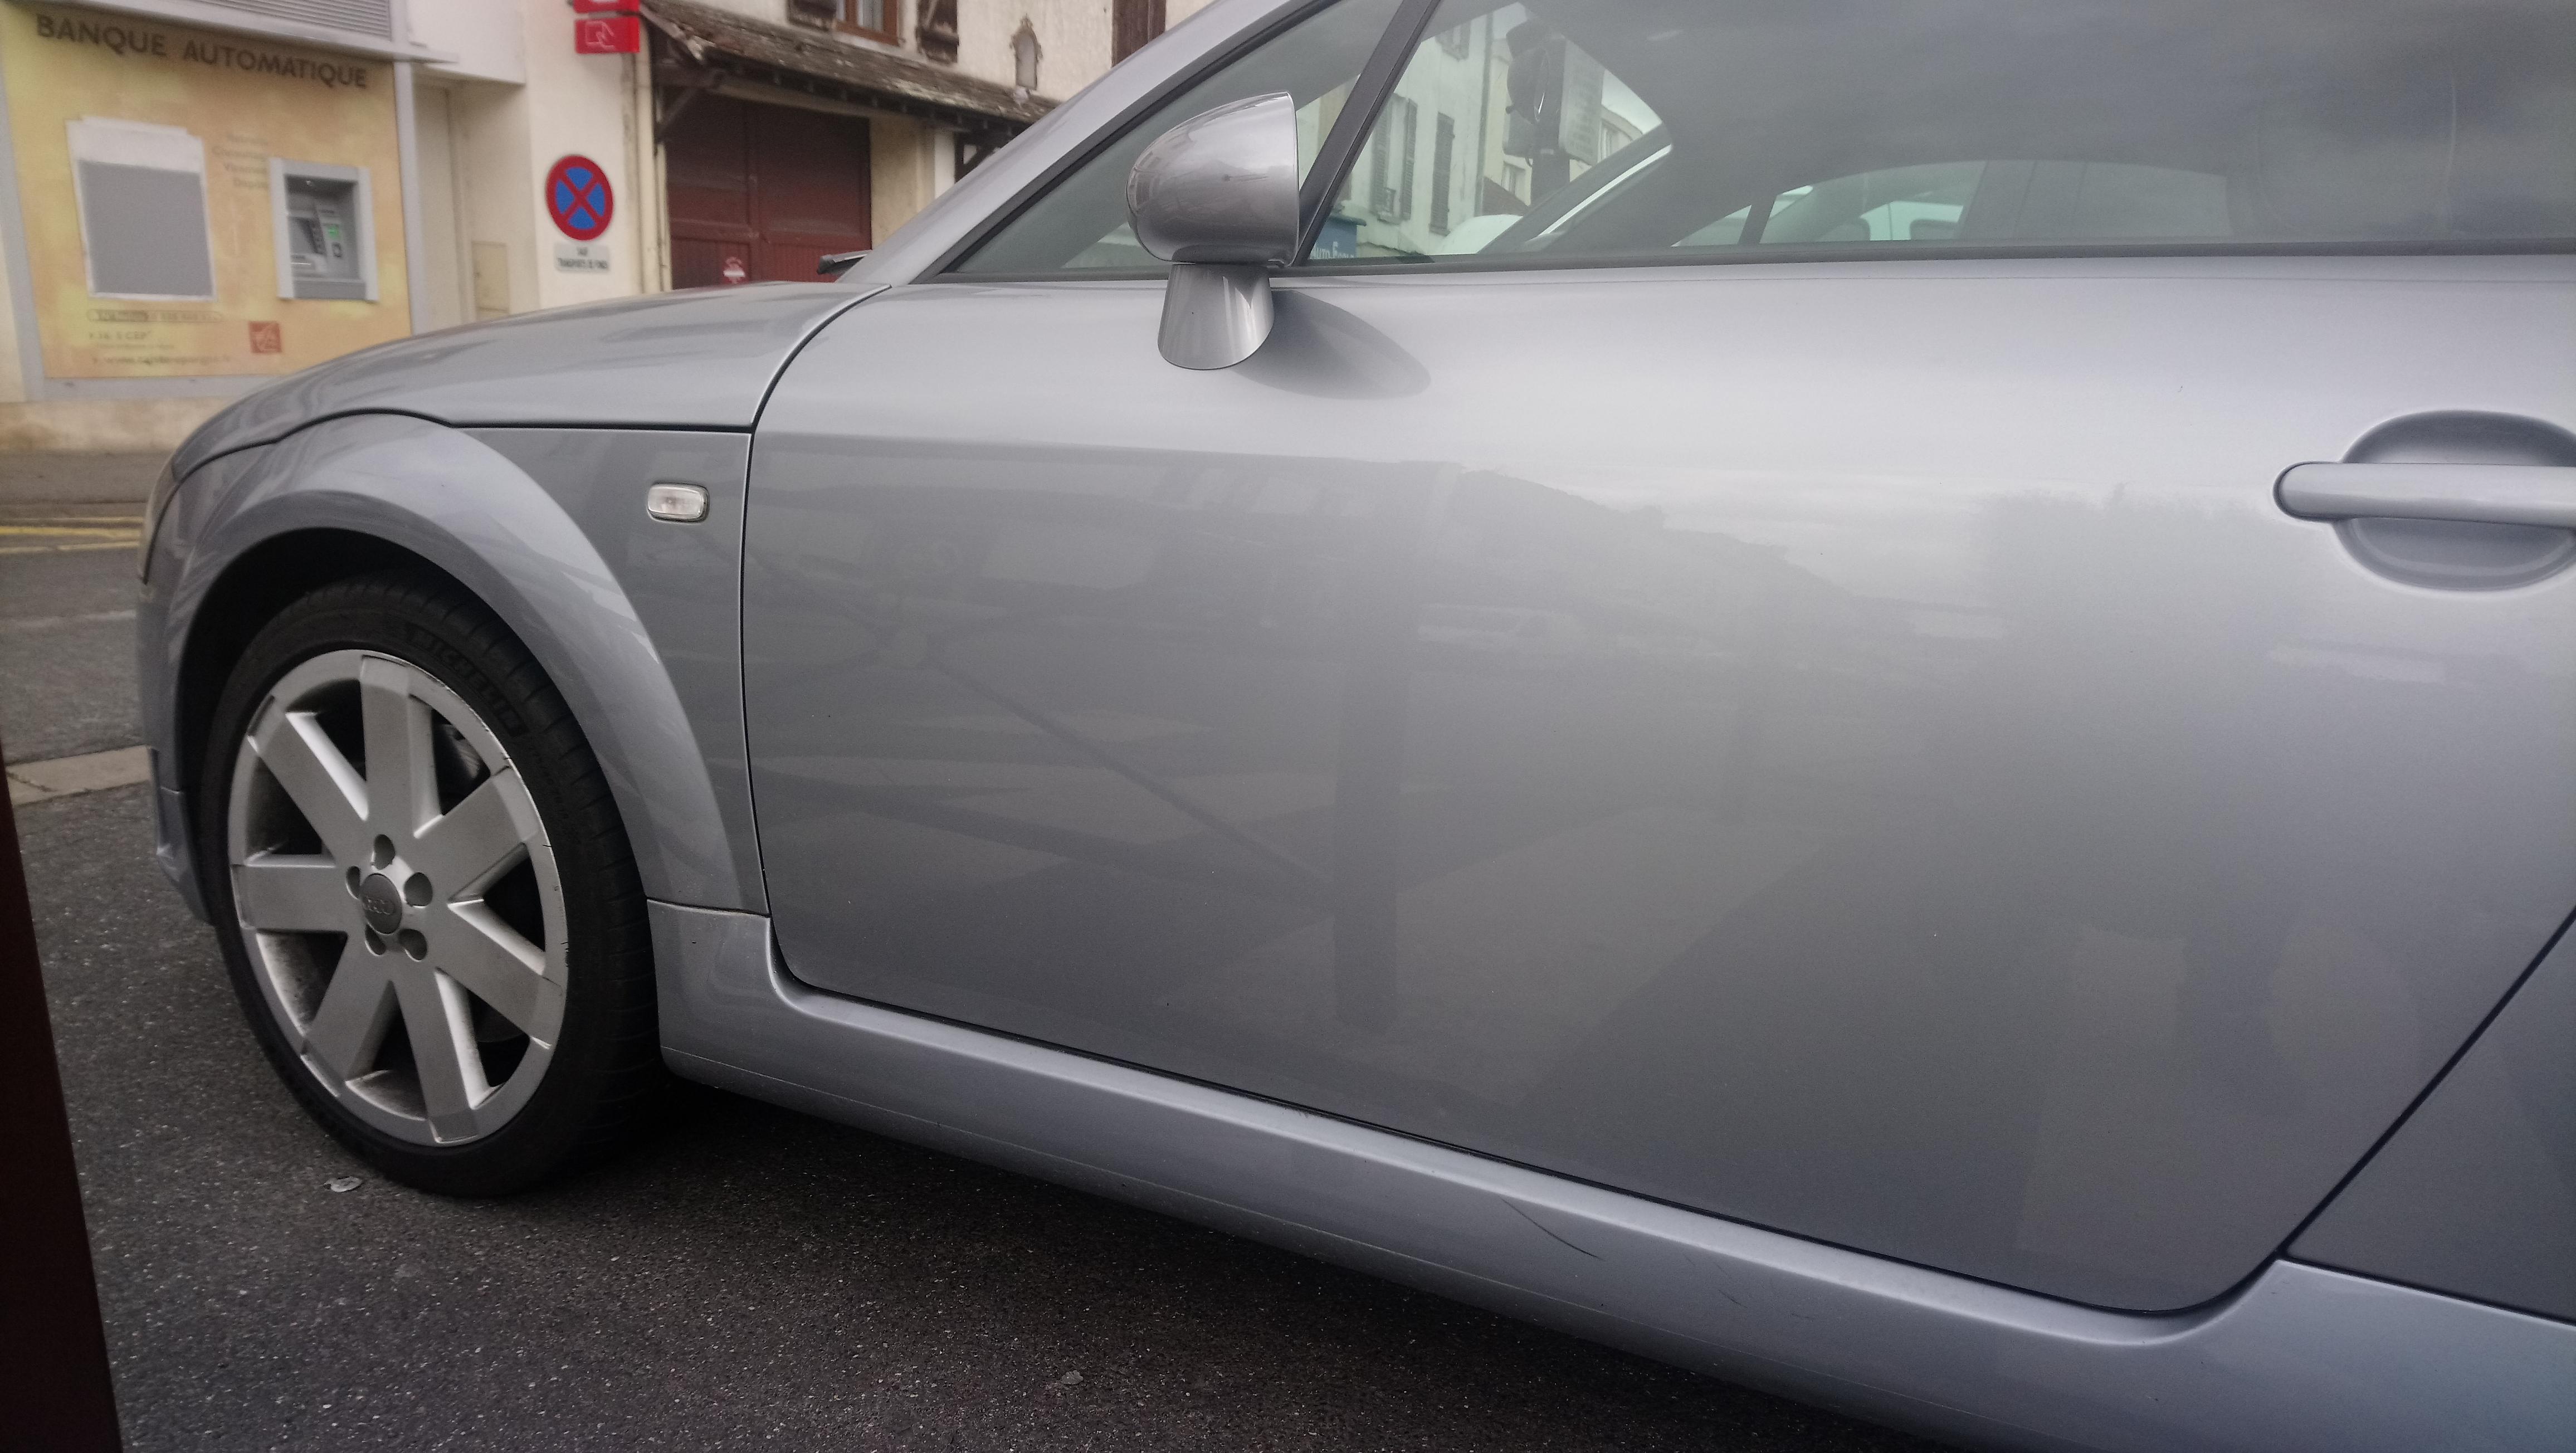 Porte AUDI TT V6